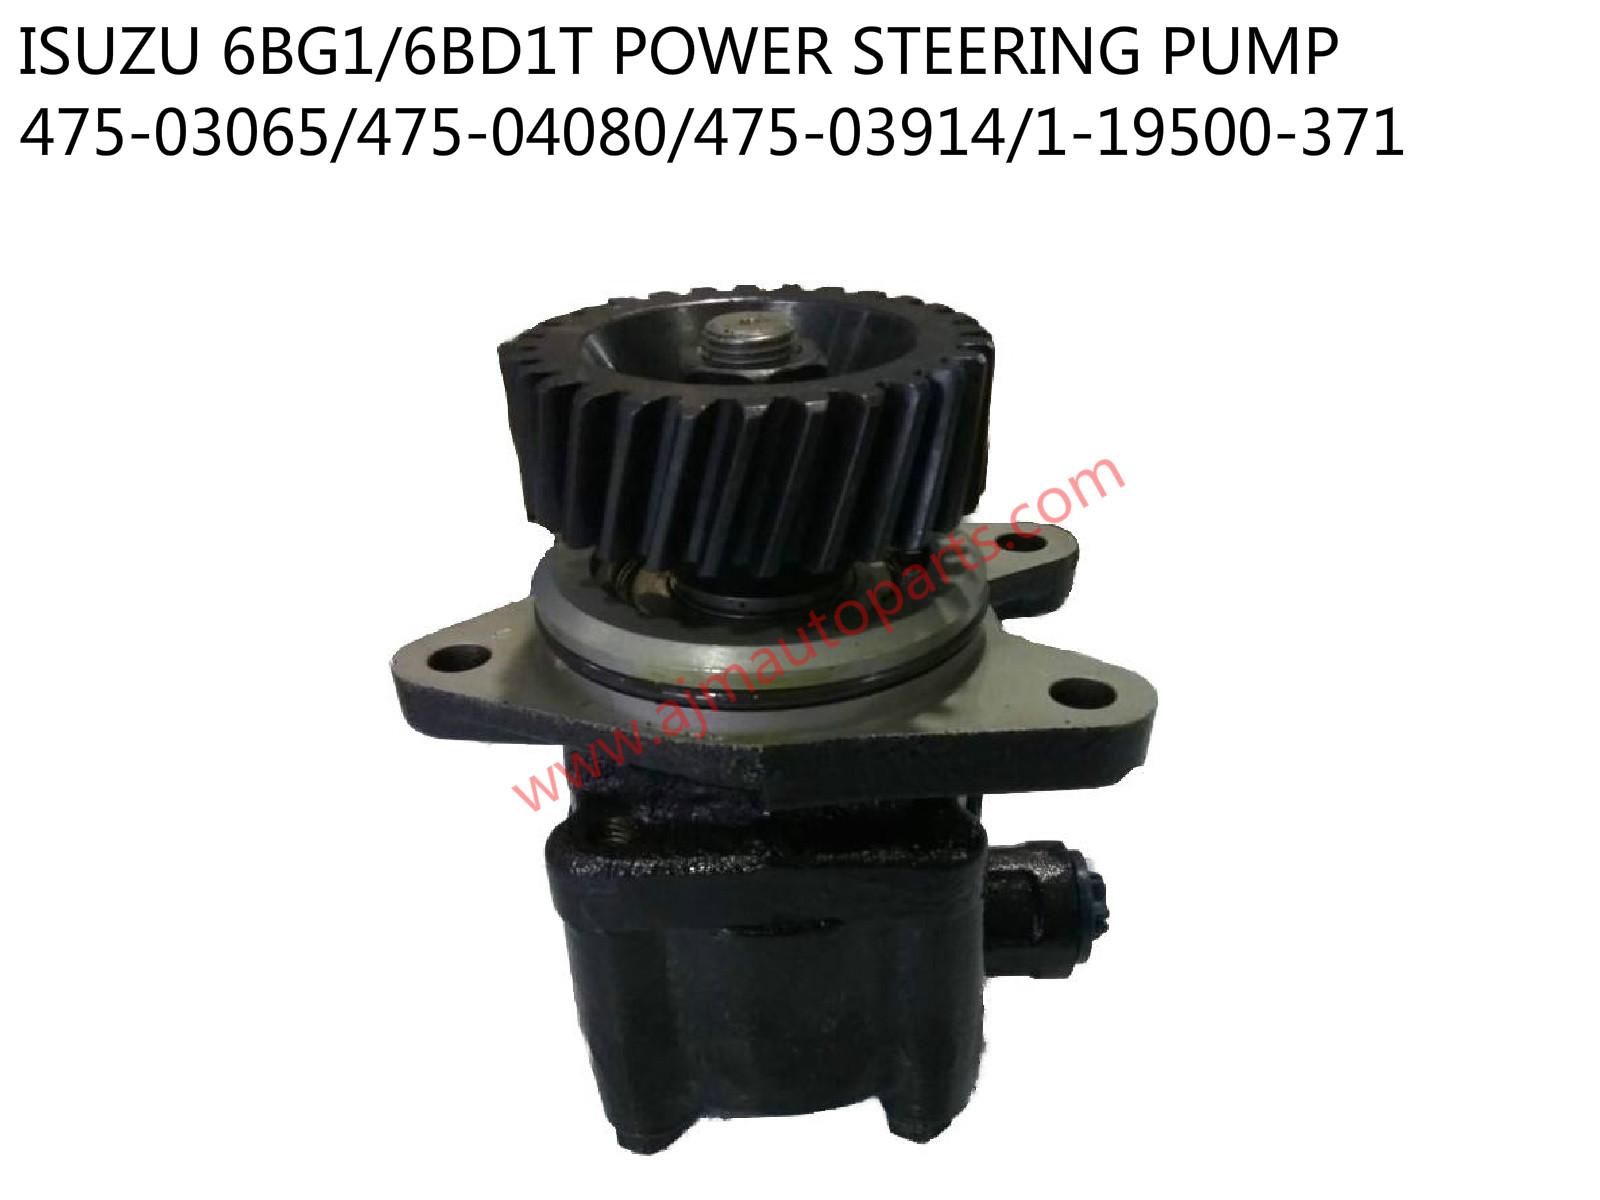 ISUZU 6BG1/6BD1T POWER STEERING PUMP-475-03065/475-04080/475